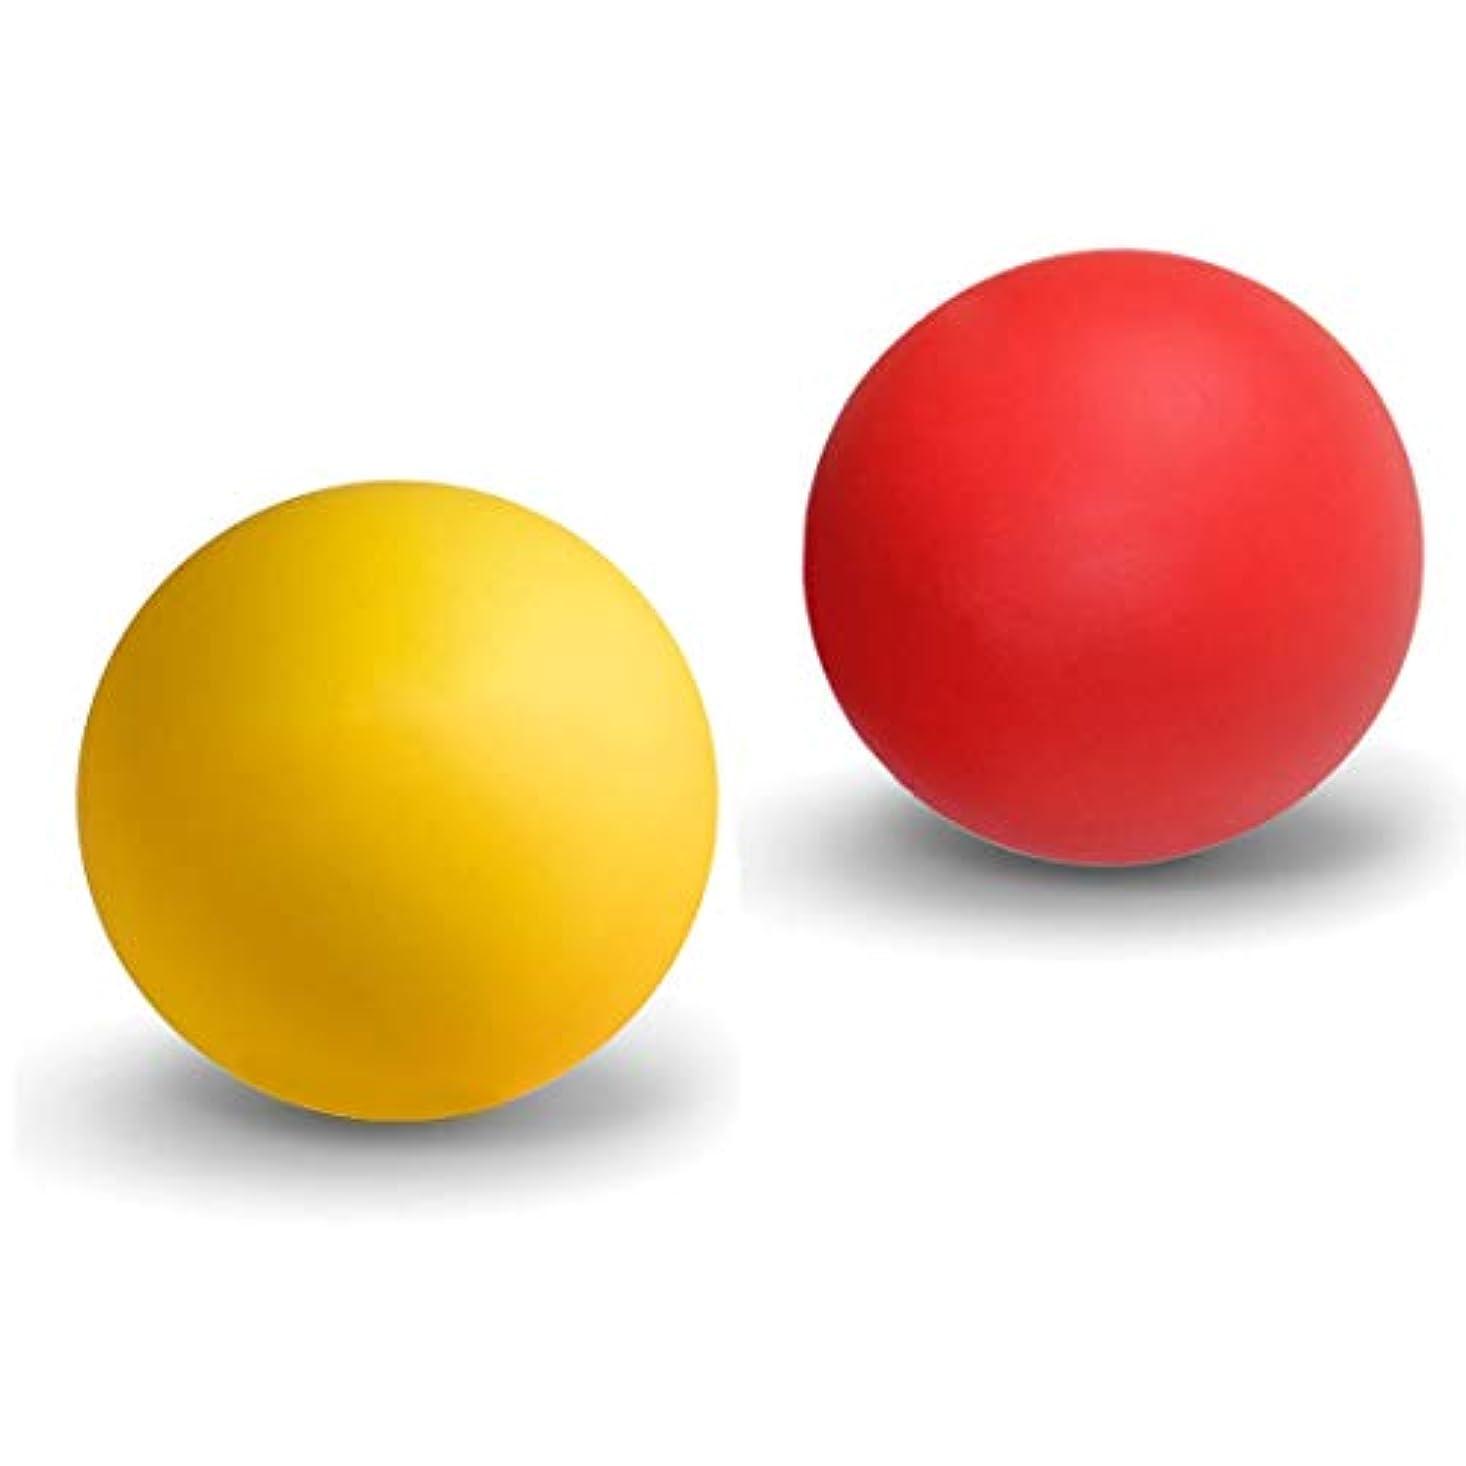 郡精度構成するマッサージボール ストレッチボール トリガーポイント ラクロスボール 筋膜リリース トレーニング 指圧ボールマッスルマッサージボール 背中 肩こり 腰 ふくらはぎ 足裏 ツボ押しグッズ 2で1組み合わせ 2個 セット